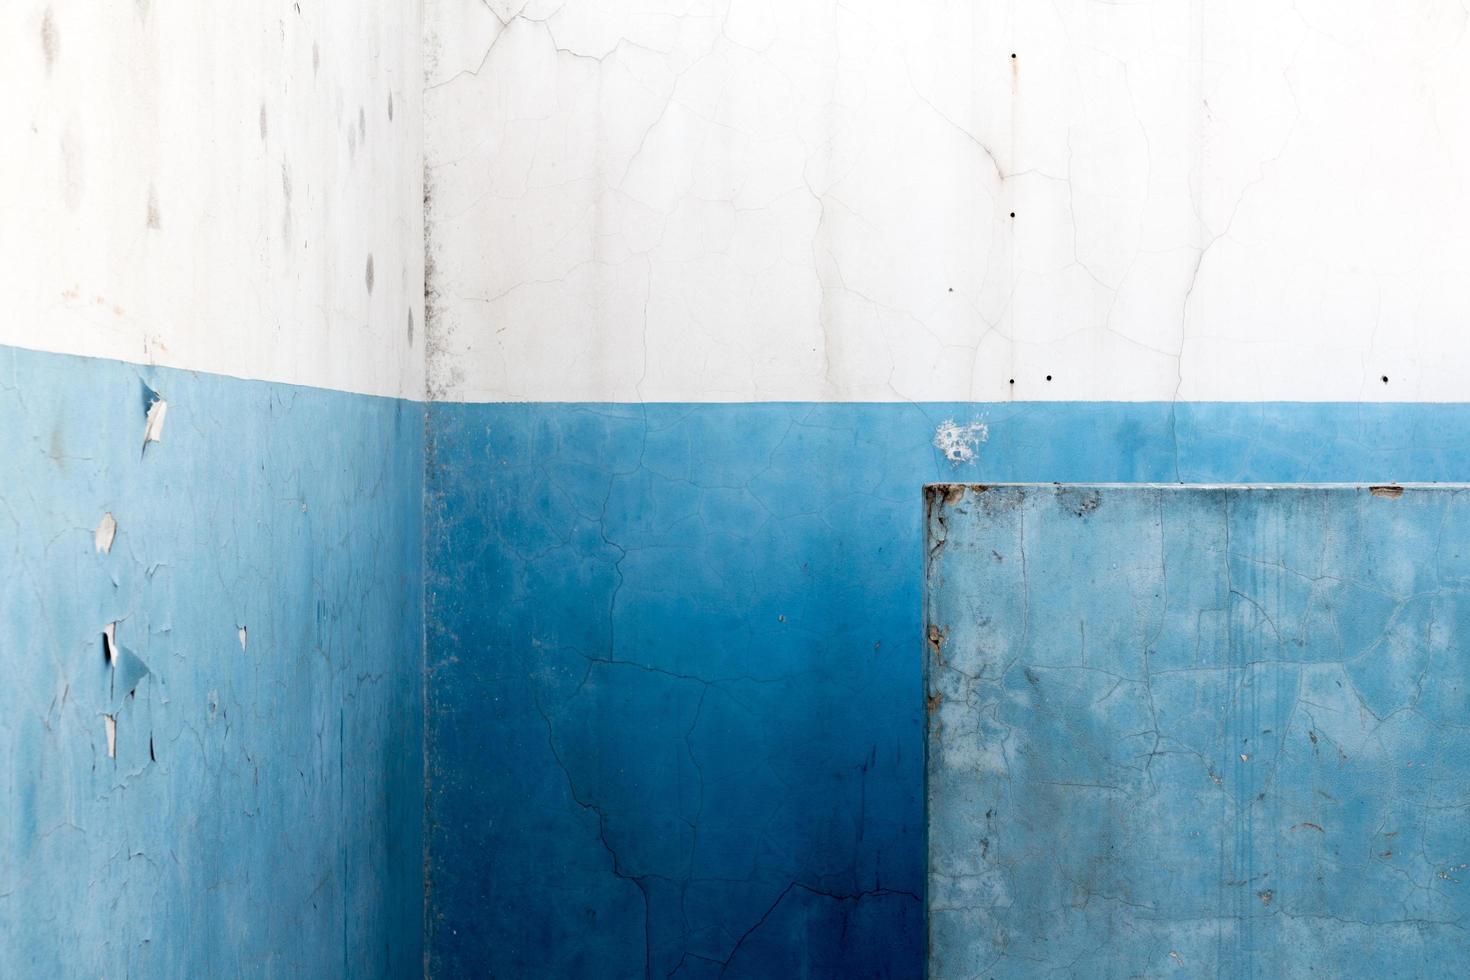 mur de béton bleu photo